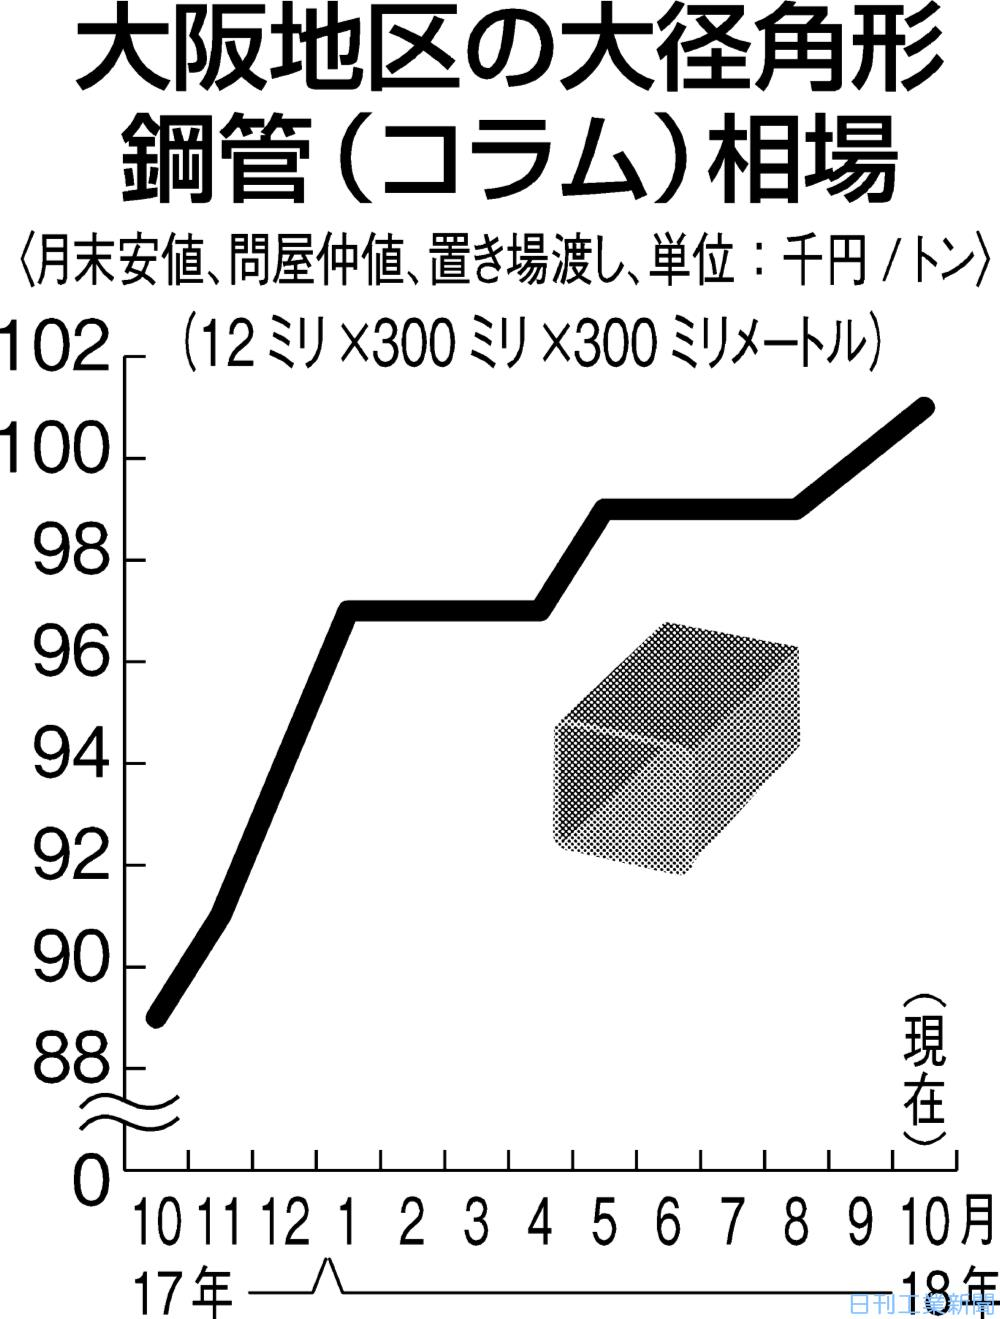 大阪のコラム、強含みで推移 在庫に品薄感、価格是正進む